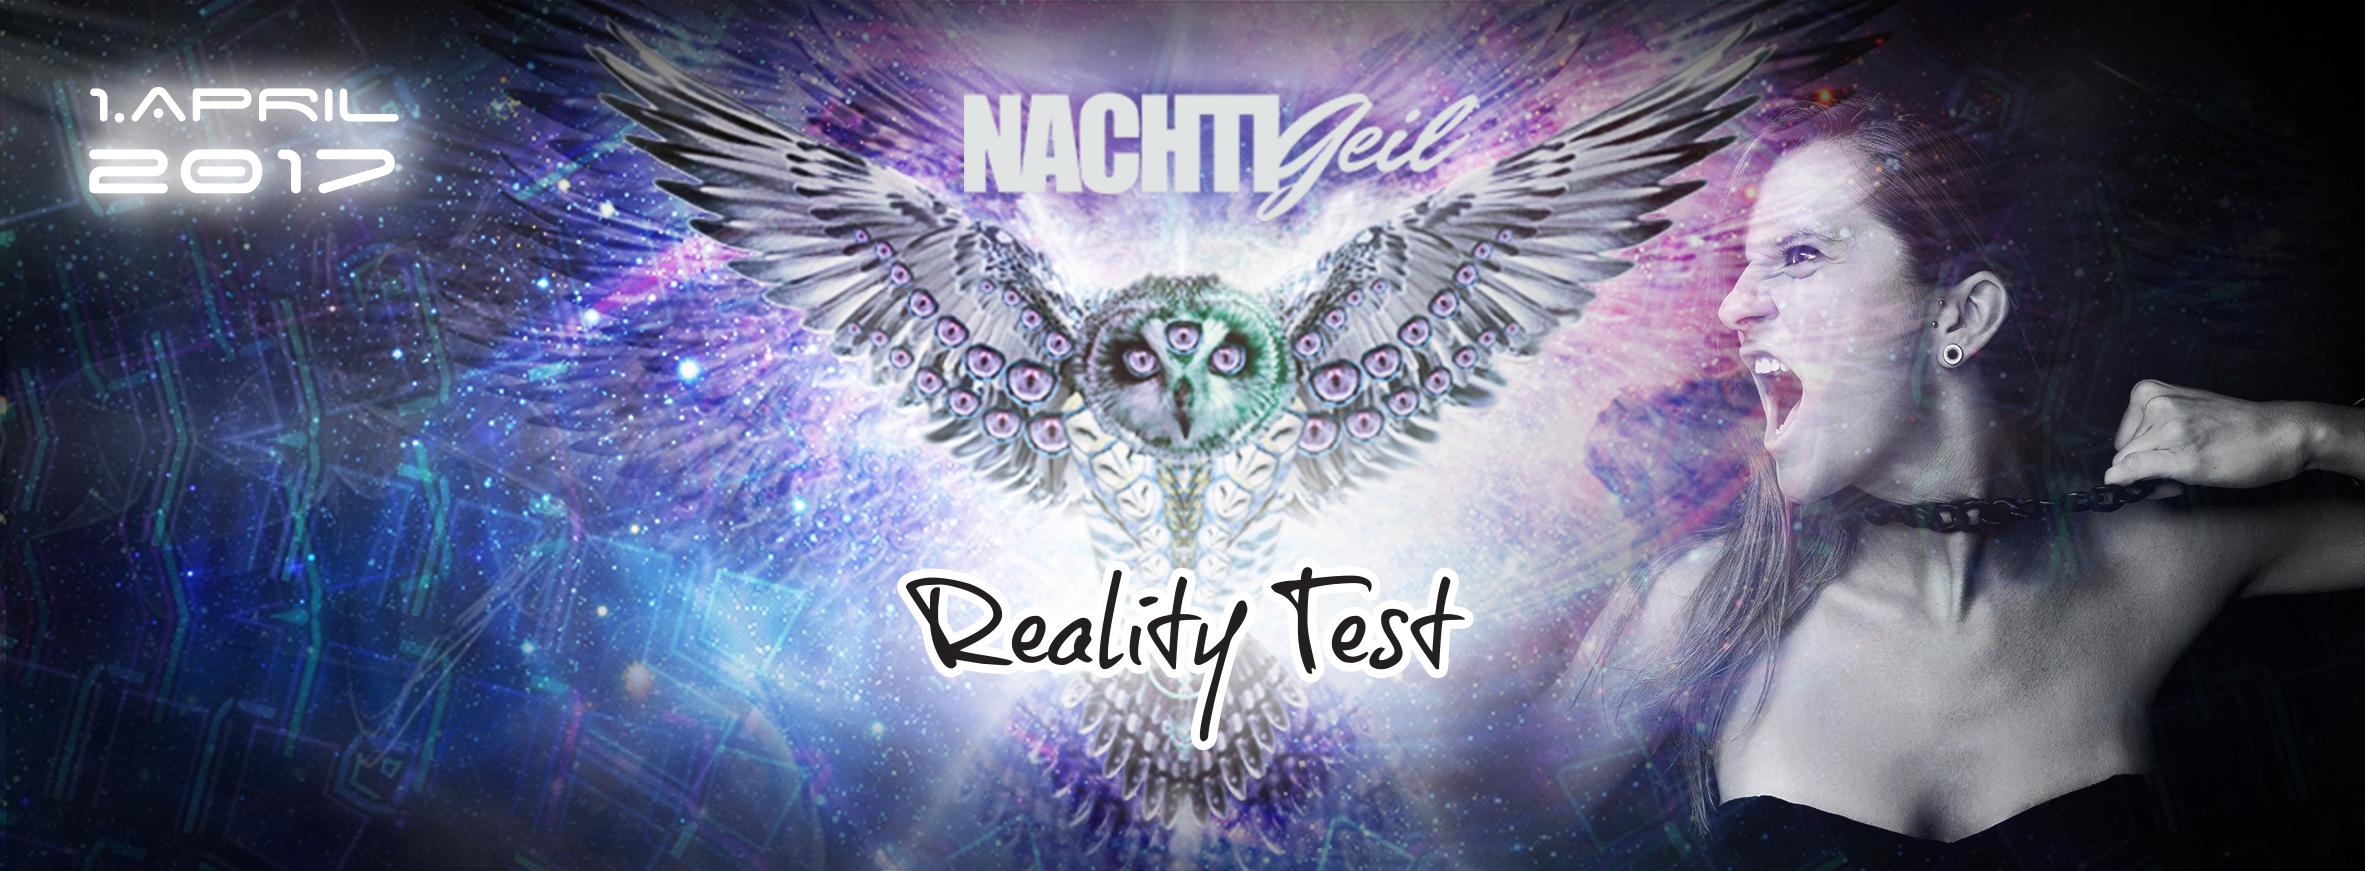 NachtiGeil – Reality Test –